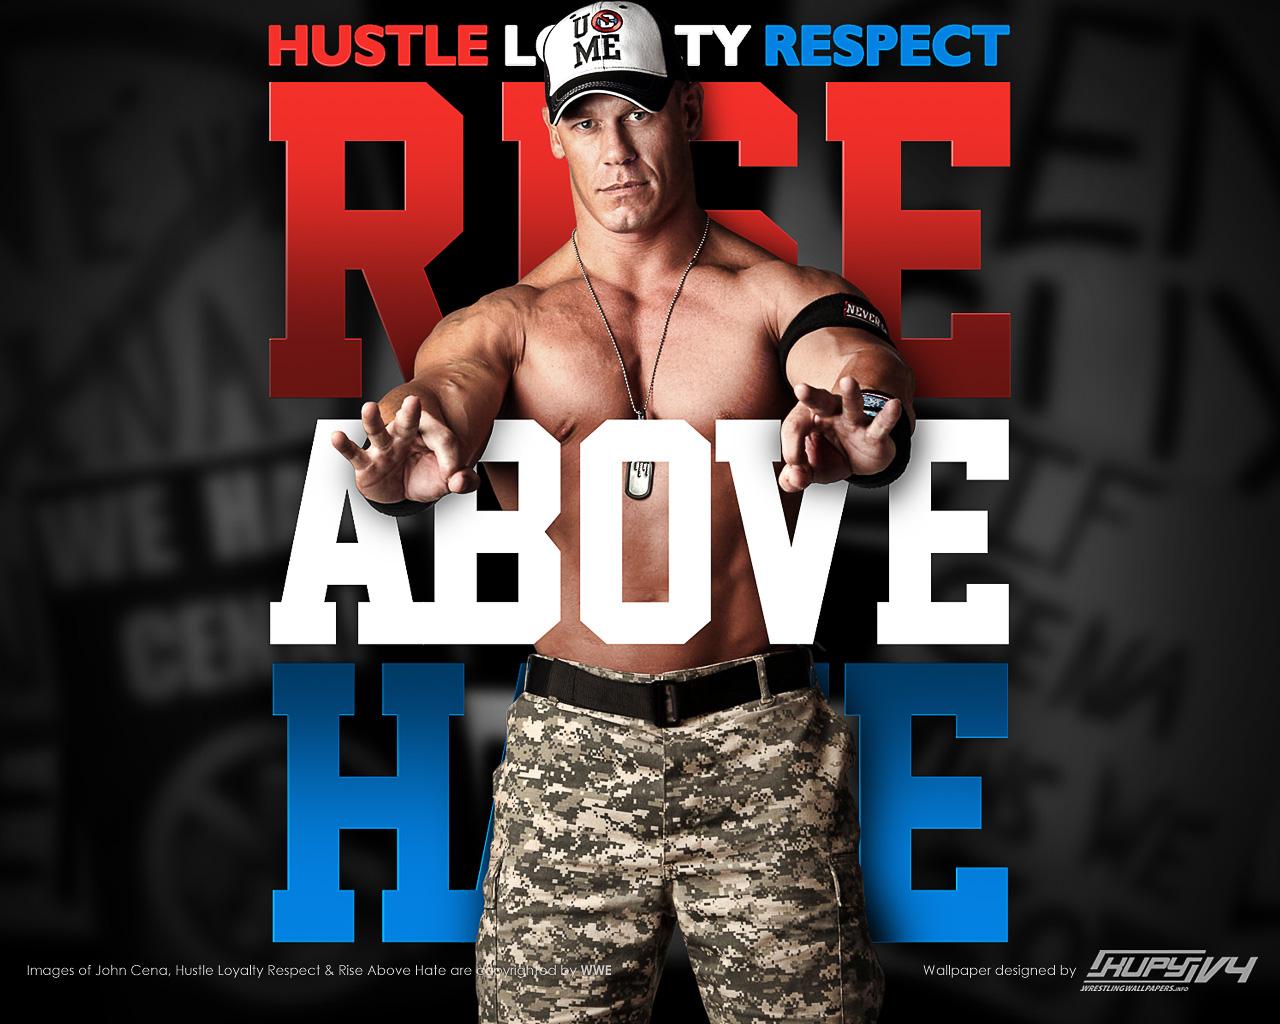 NEW John Cena Rise Above Hate wallpaper! - Kupy Wrestling ...  NEW John Cena R...